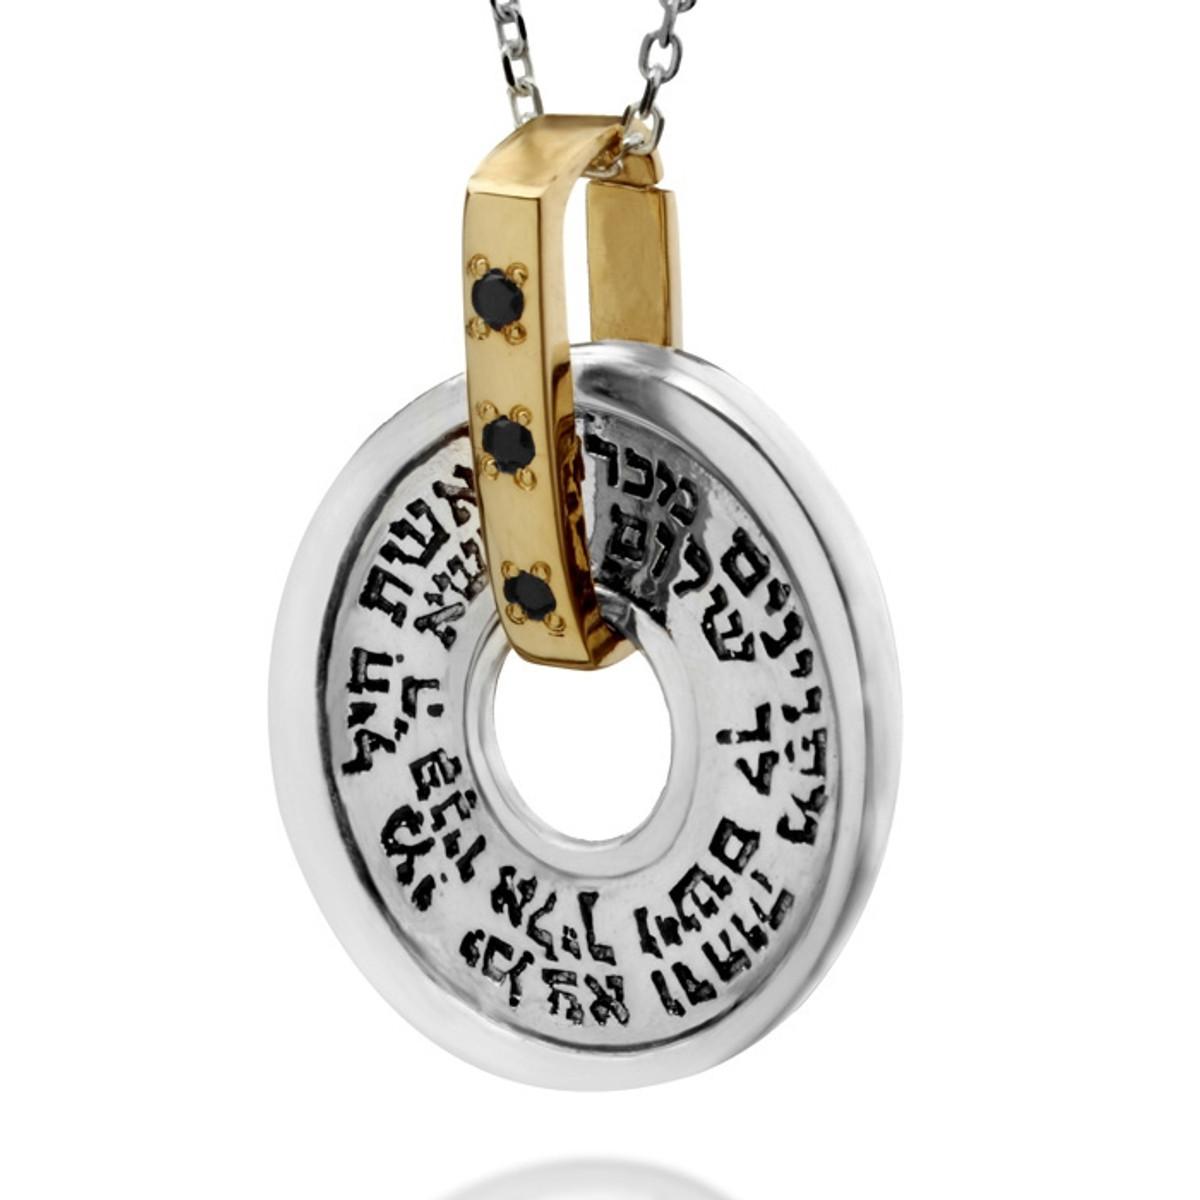 Wheel of Blessings Pendant by Haari